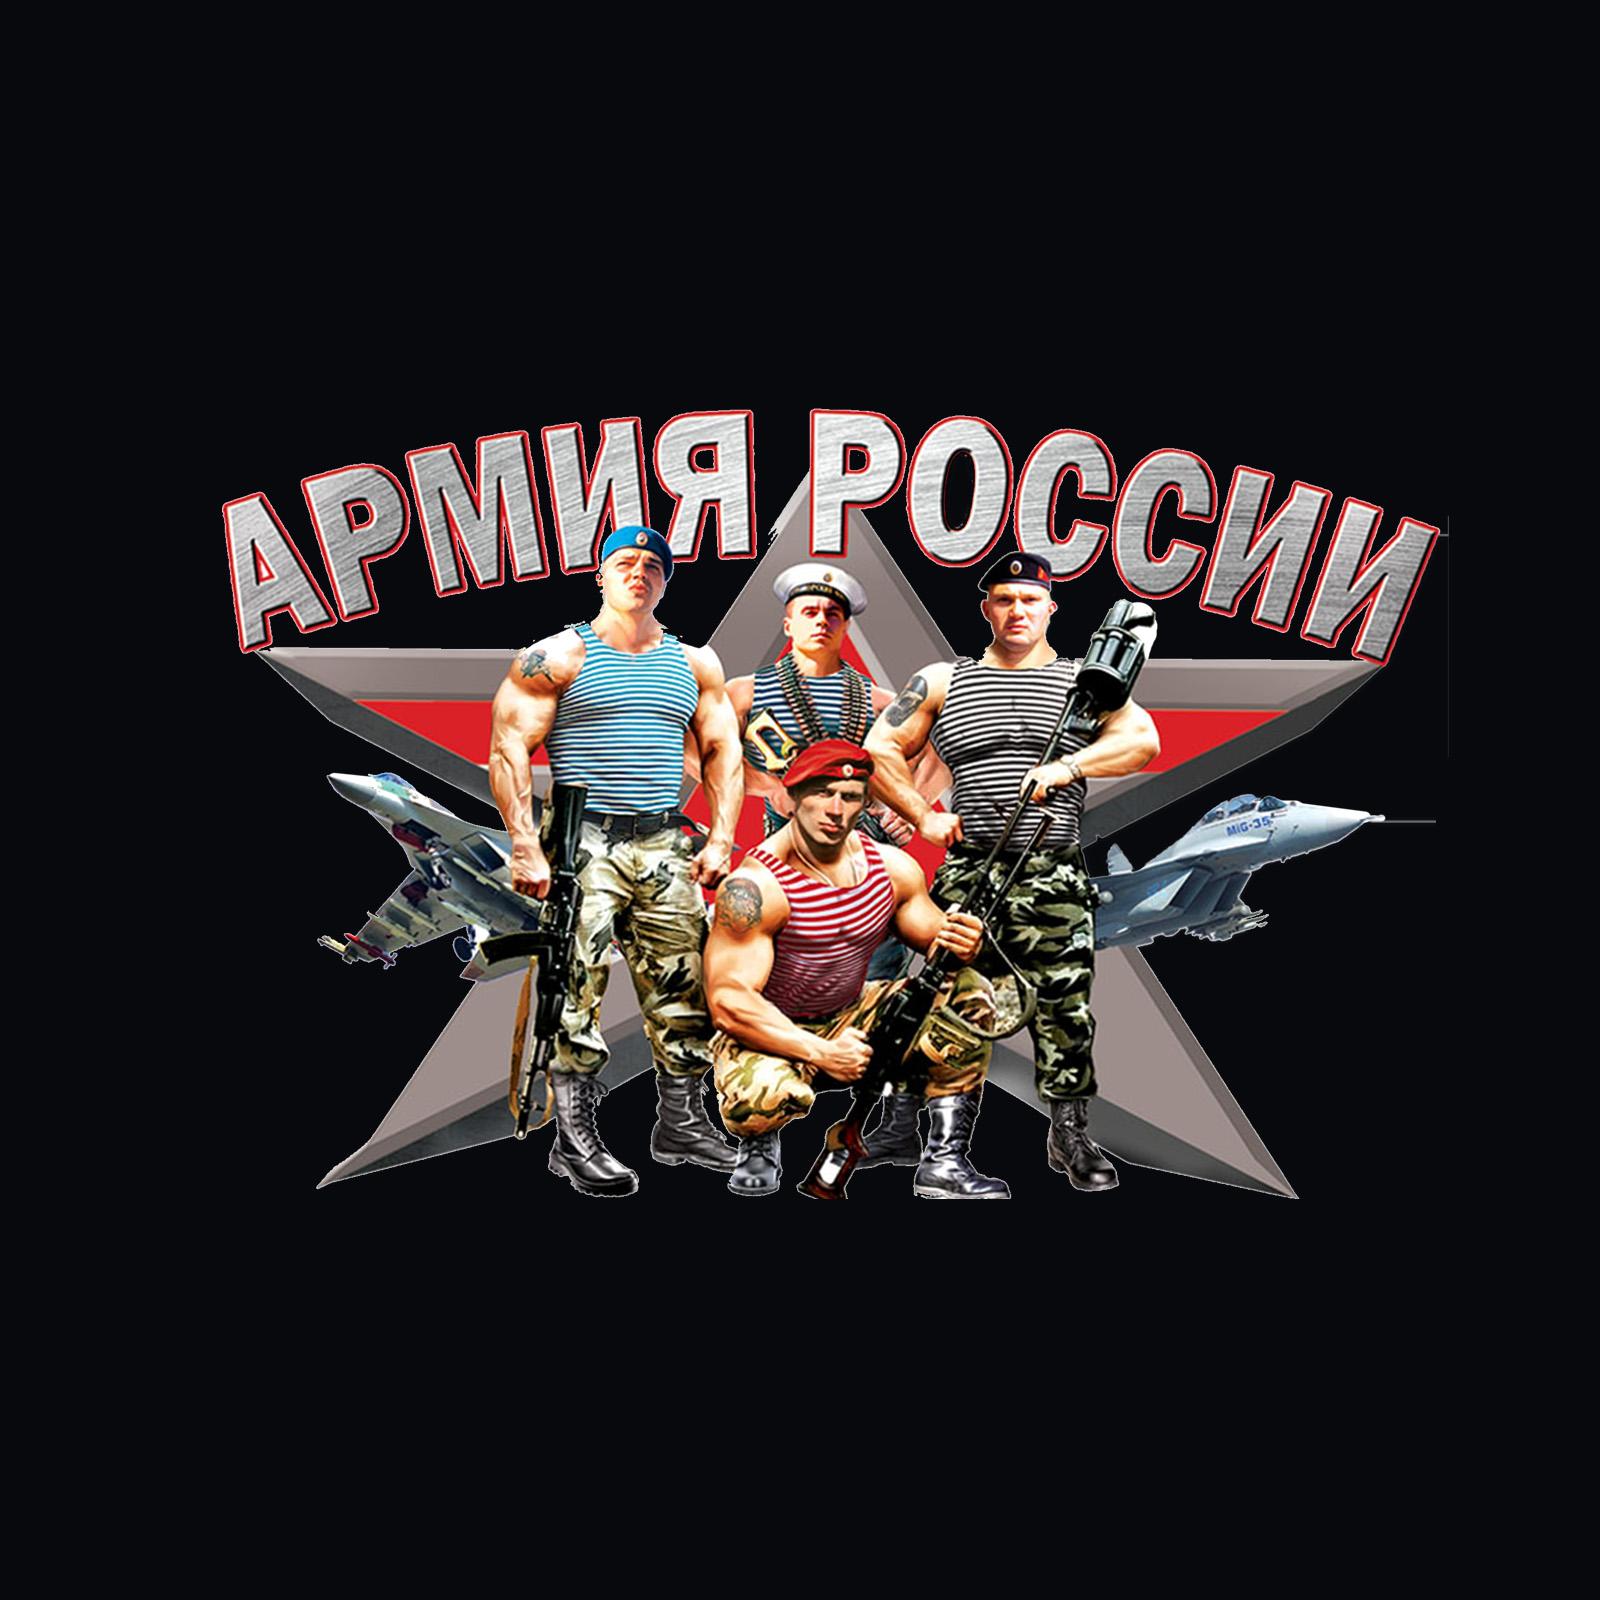 Оригинальная хлопковая футболка Армия России